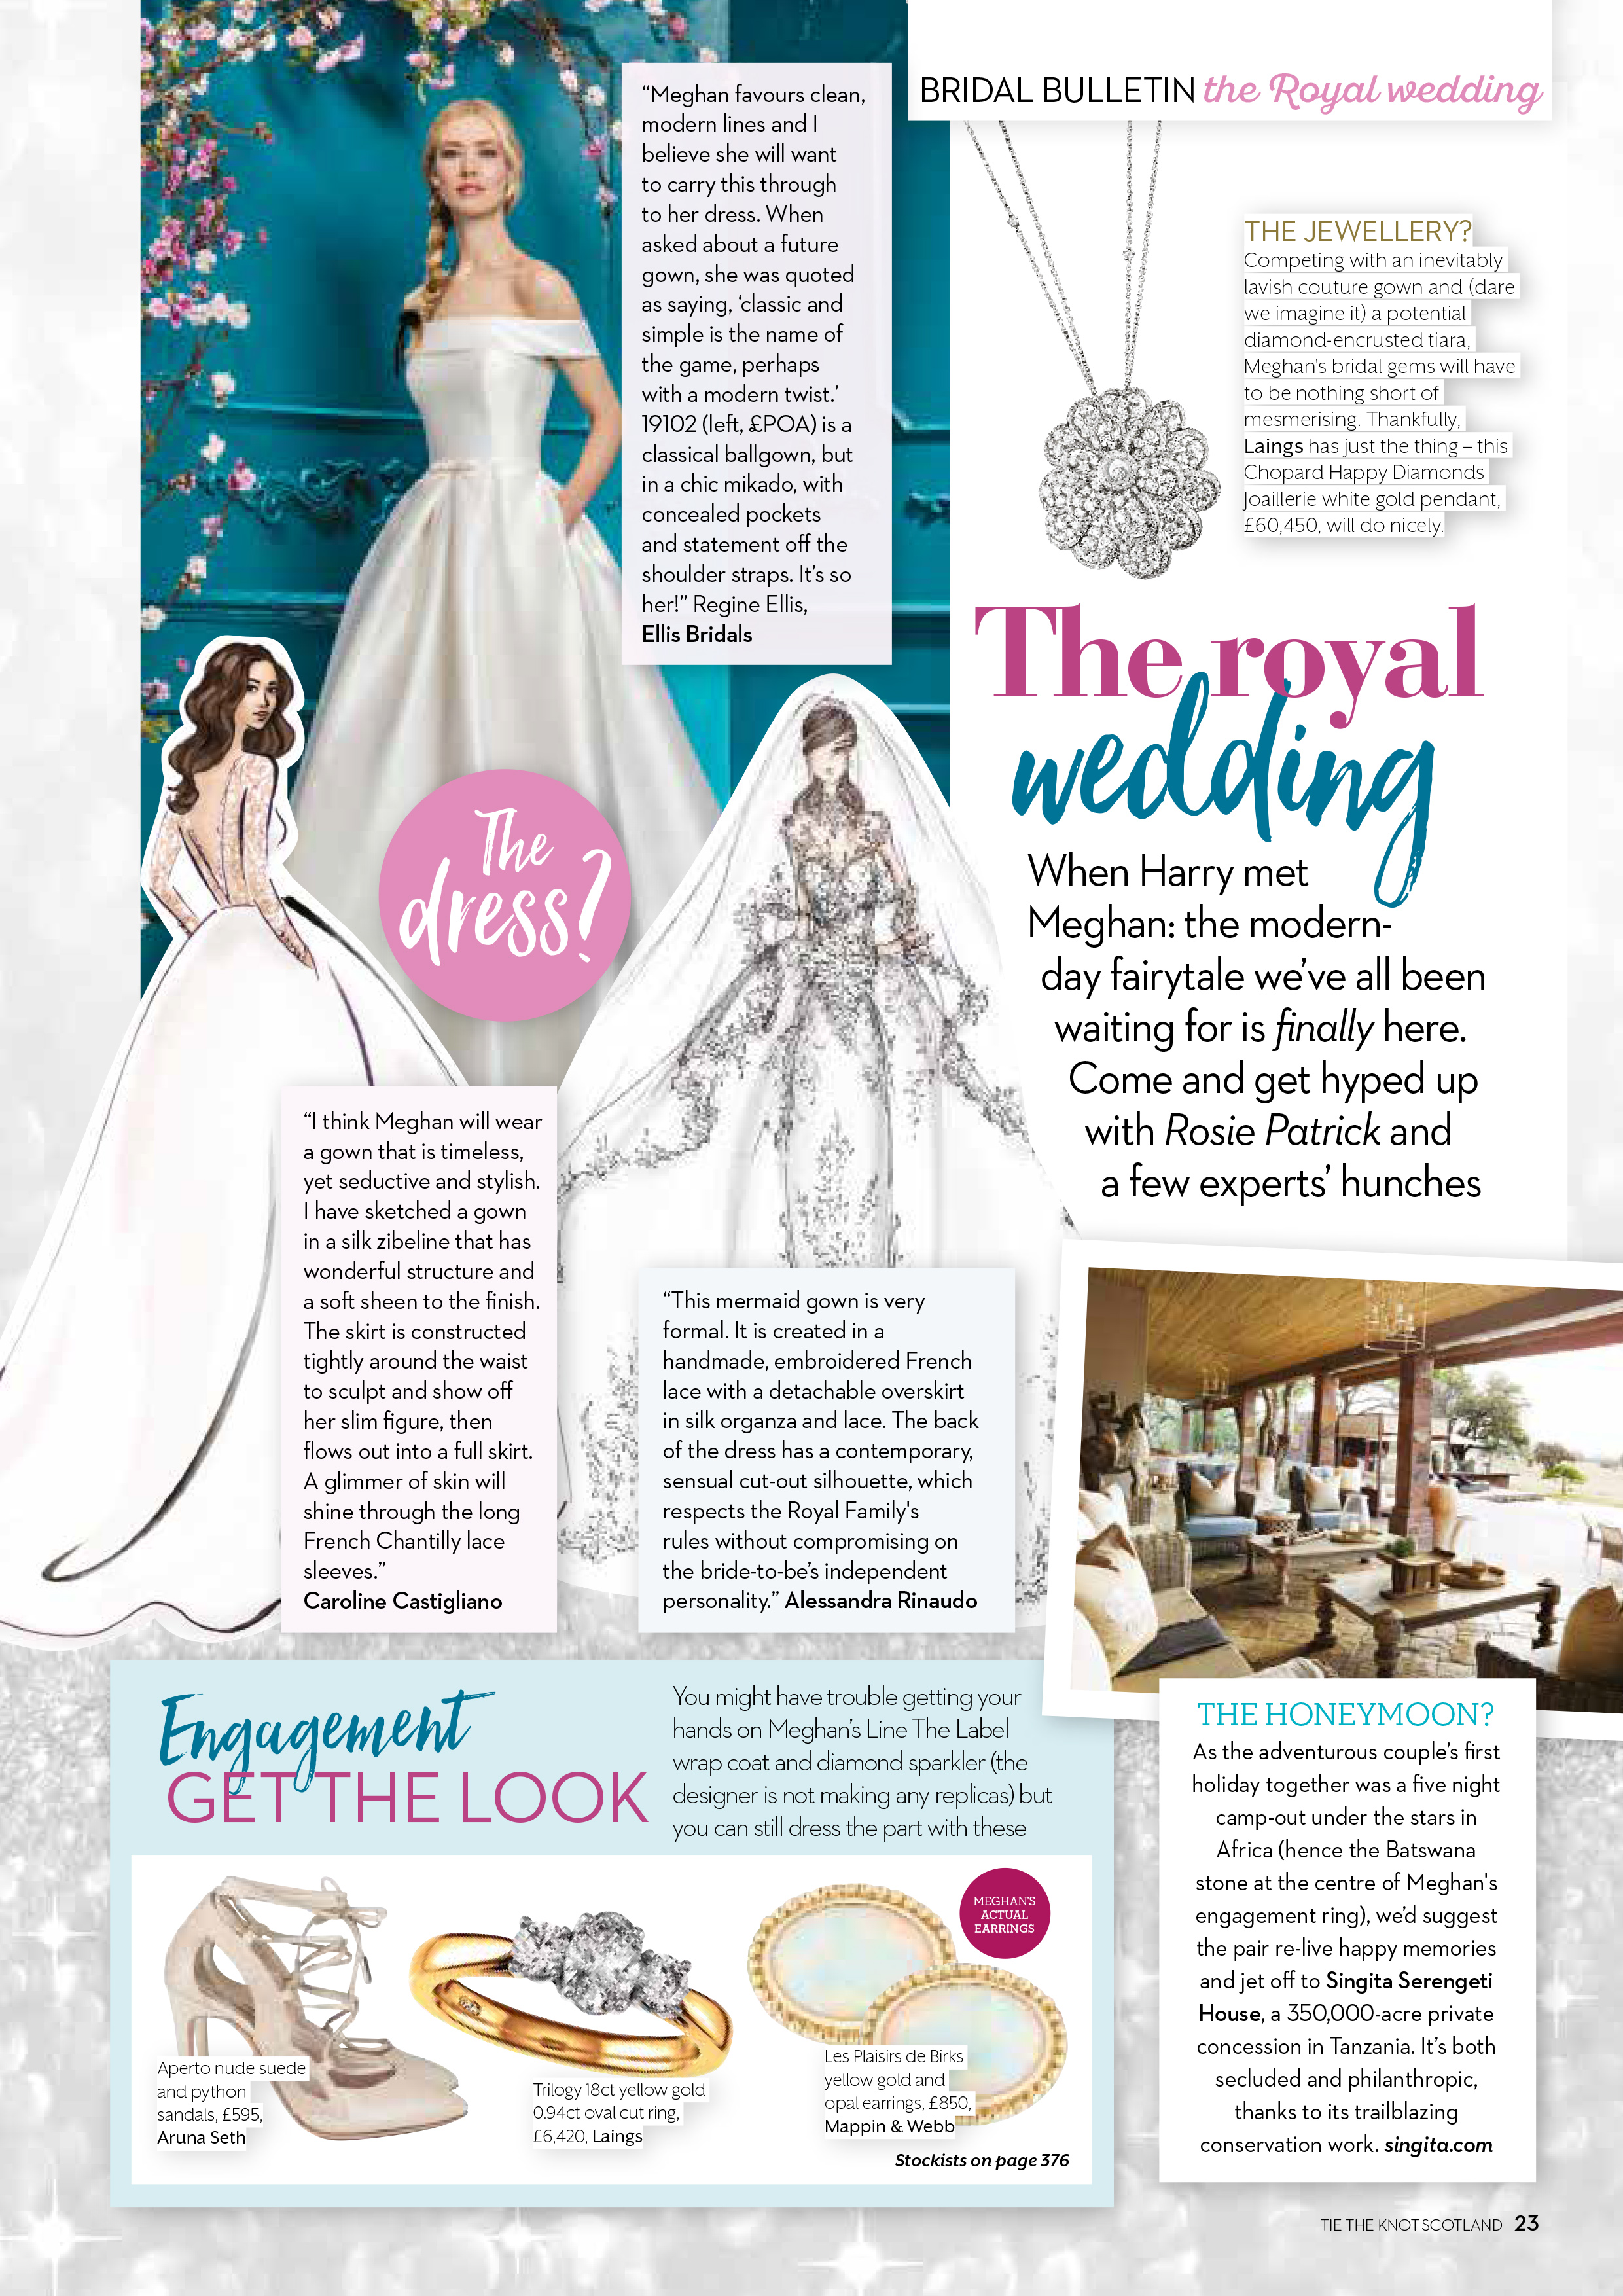 Meghan Markle designer wedding gown by Caroline Castigliano